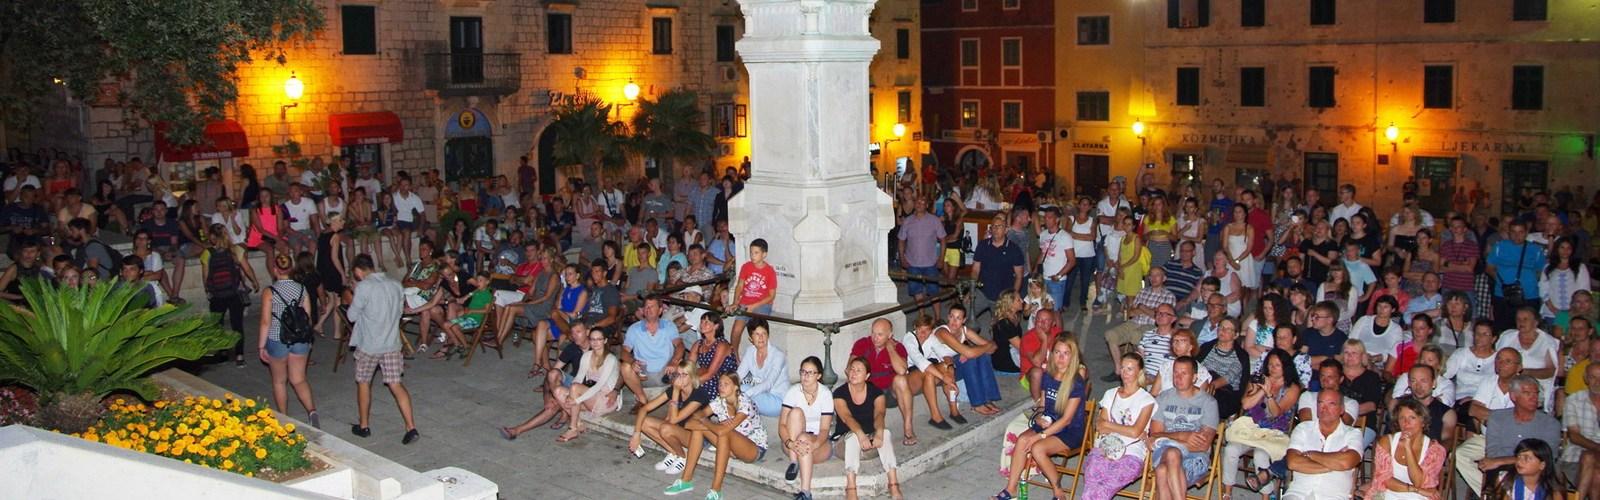 Makarska Jazz Festival